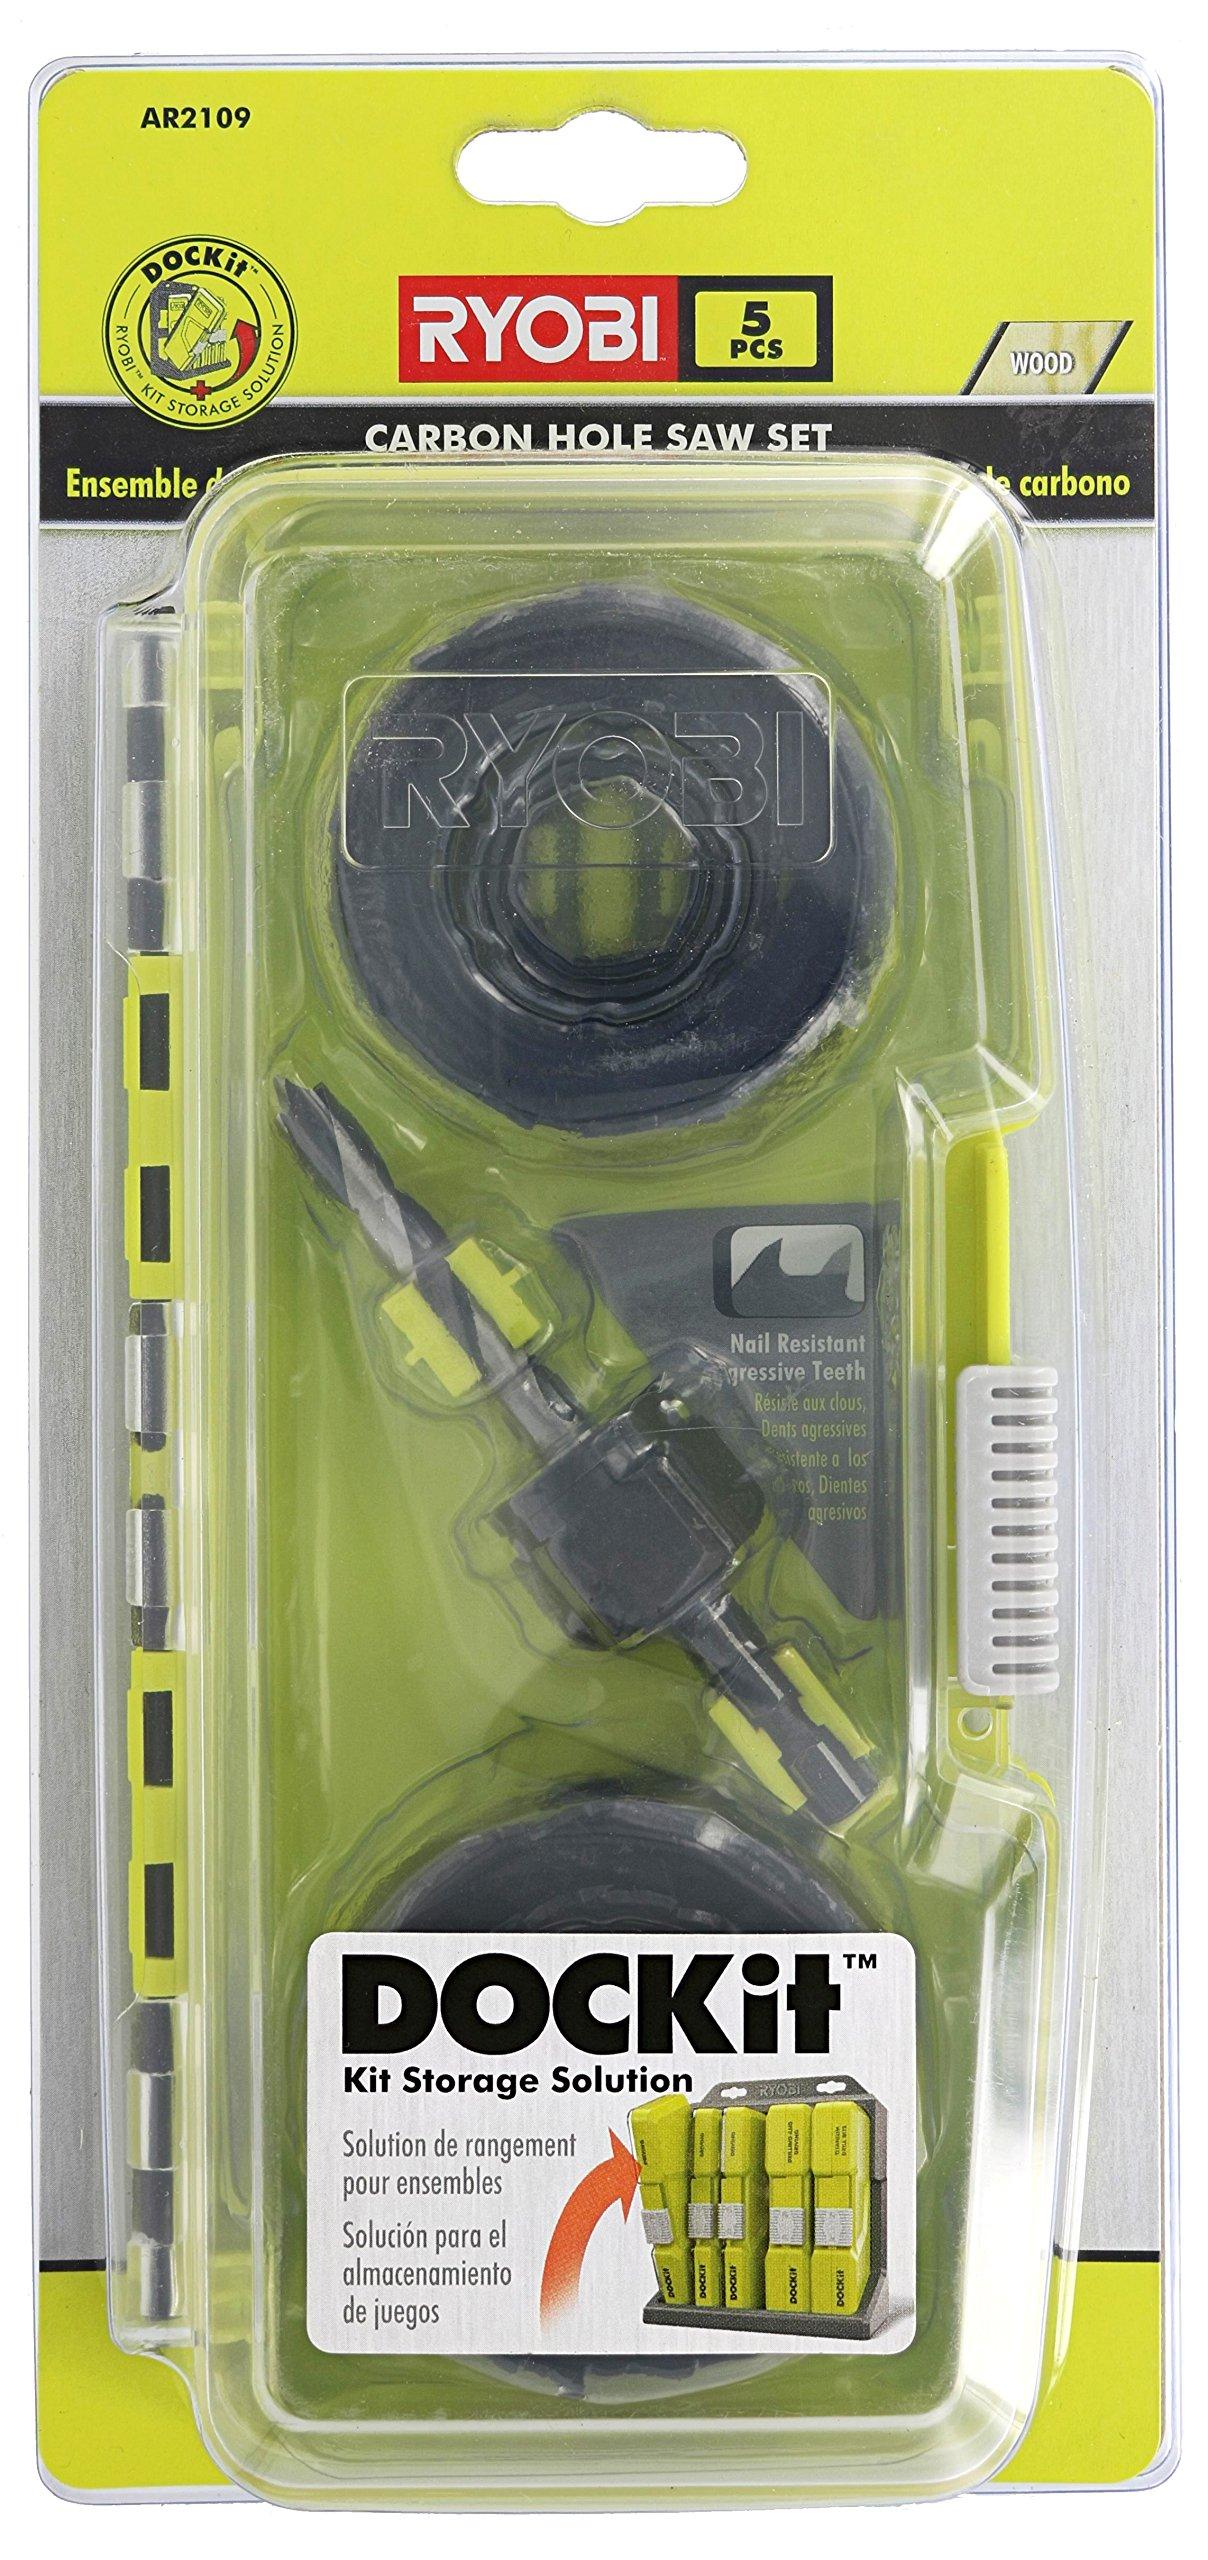 Ryobi AR2109 5 Piece Nail-Resistant Carbon Hole Saw with Dock-It Storage TechnologyHole Saw Set (5-Piece) AR2109